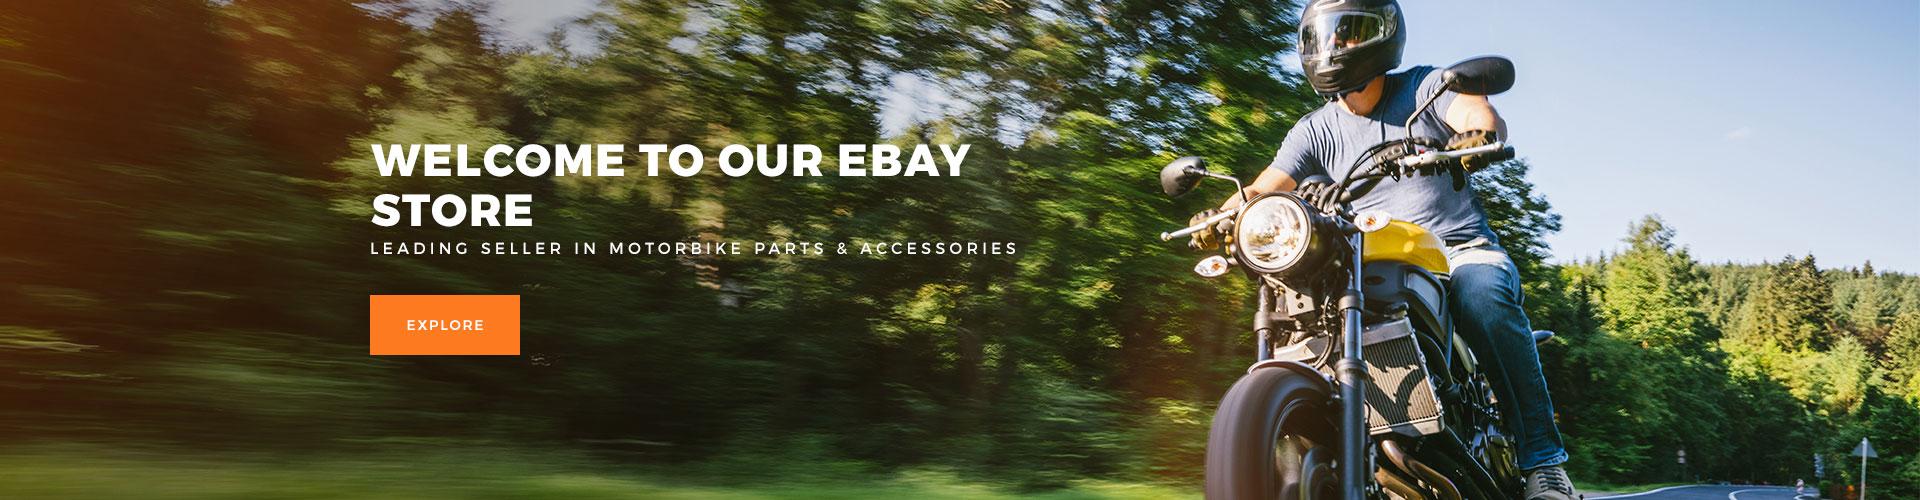 Wizbizltd Ebay Shops